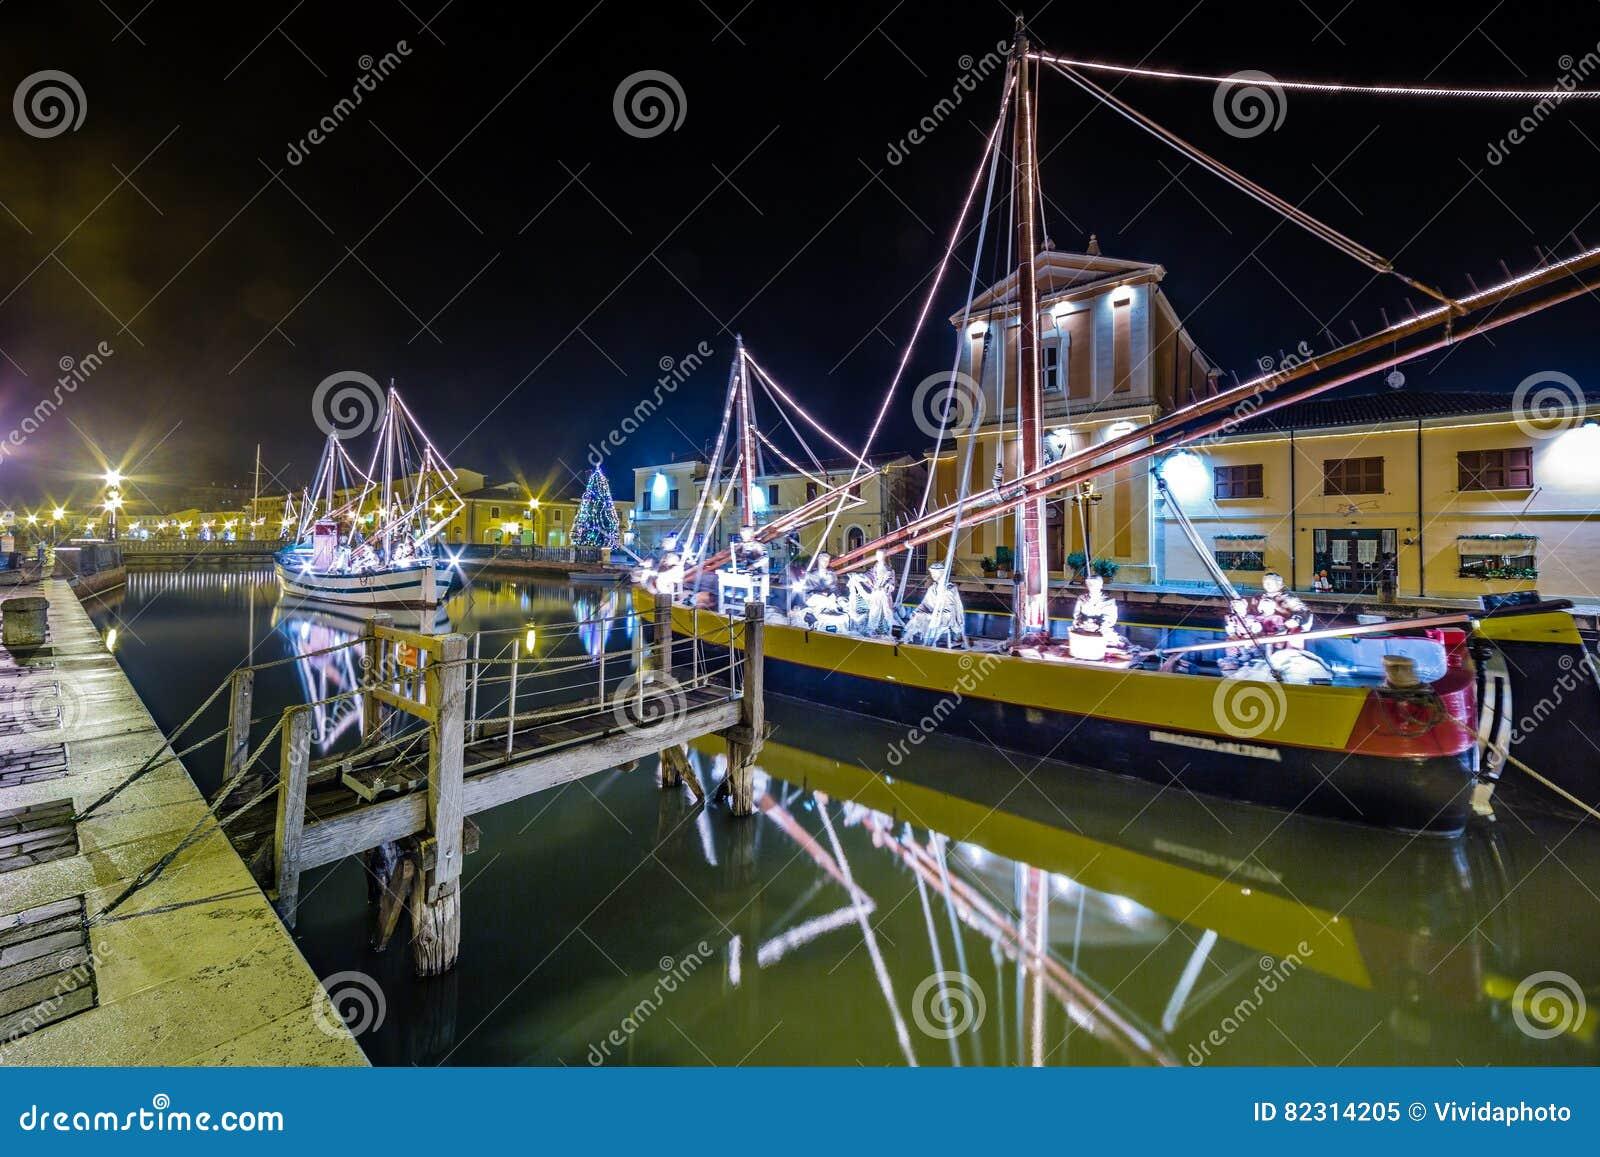 Weihnachtsdekorationen, -lichter und -Marine Crib